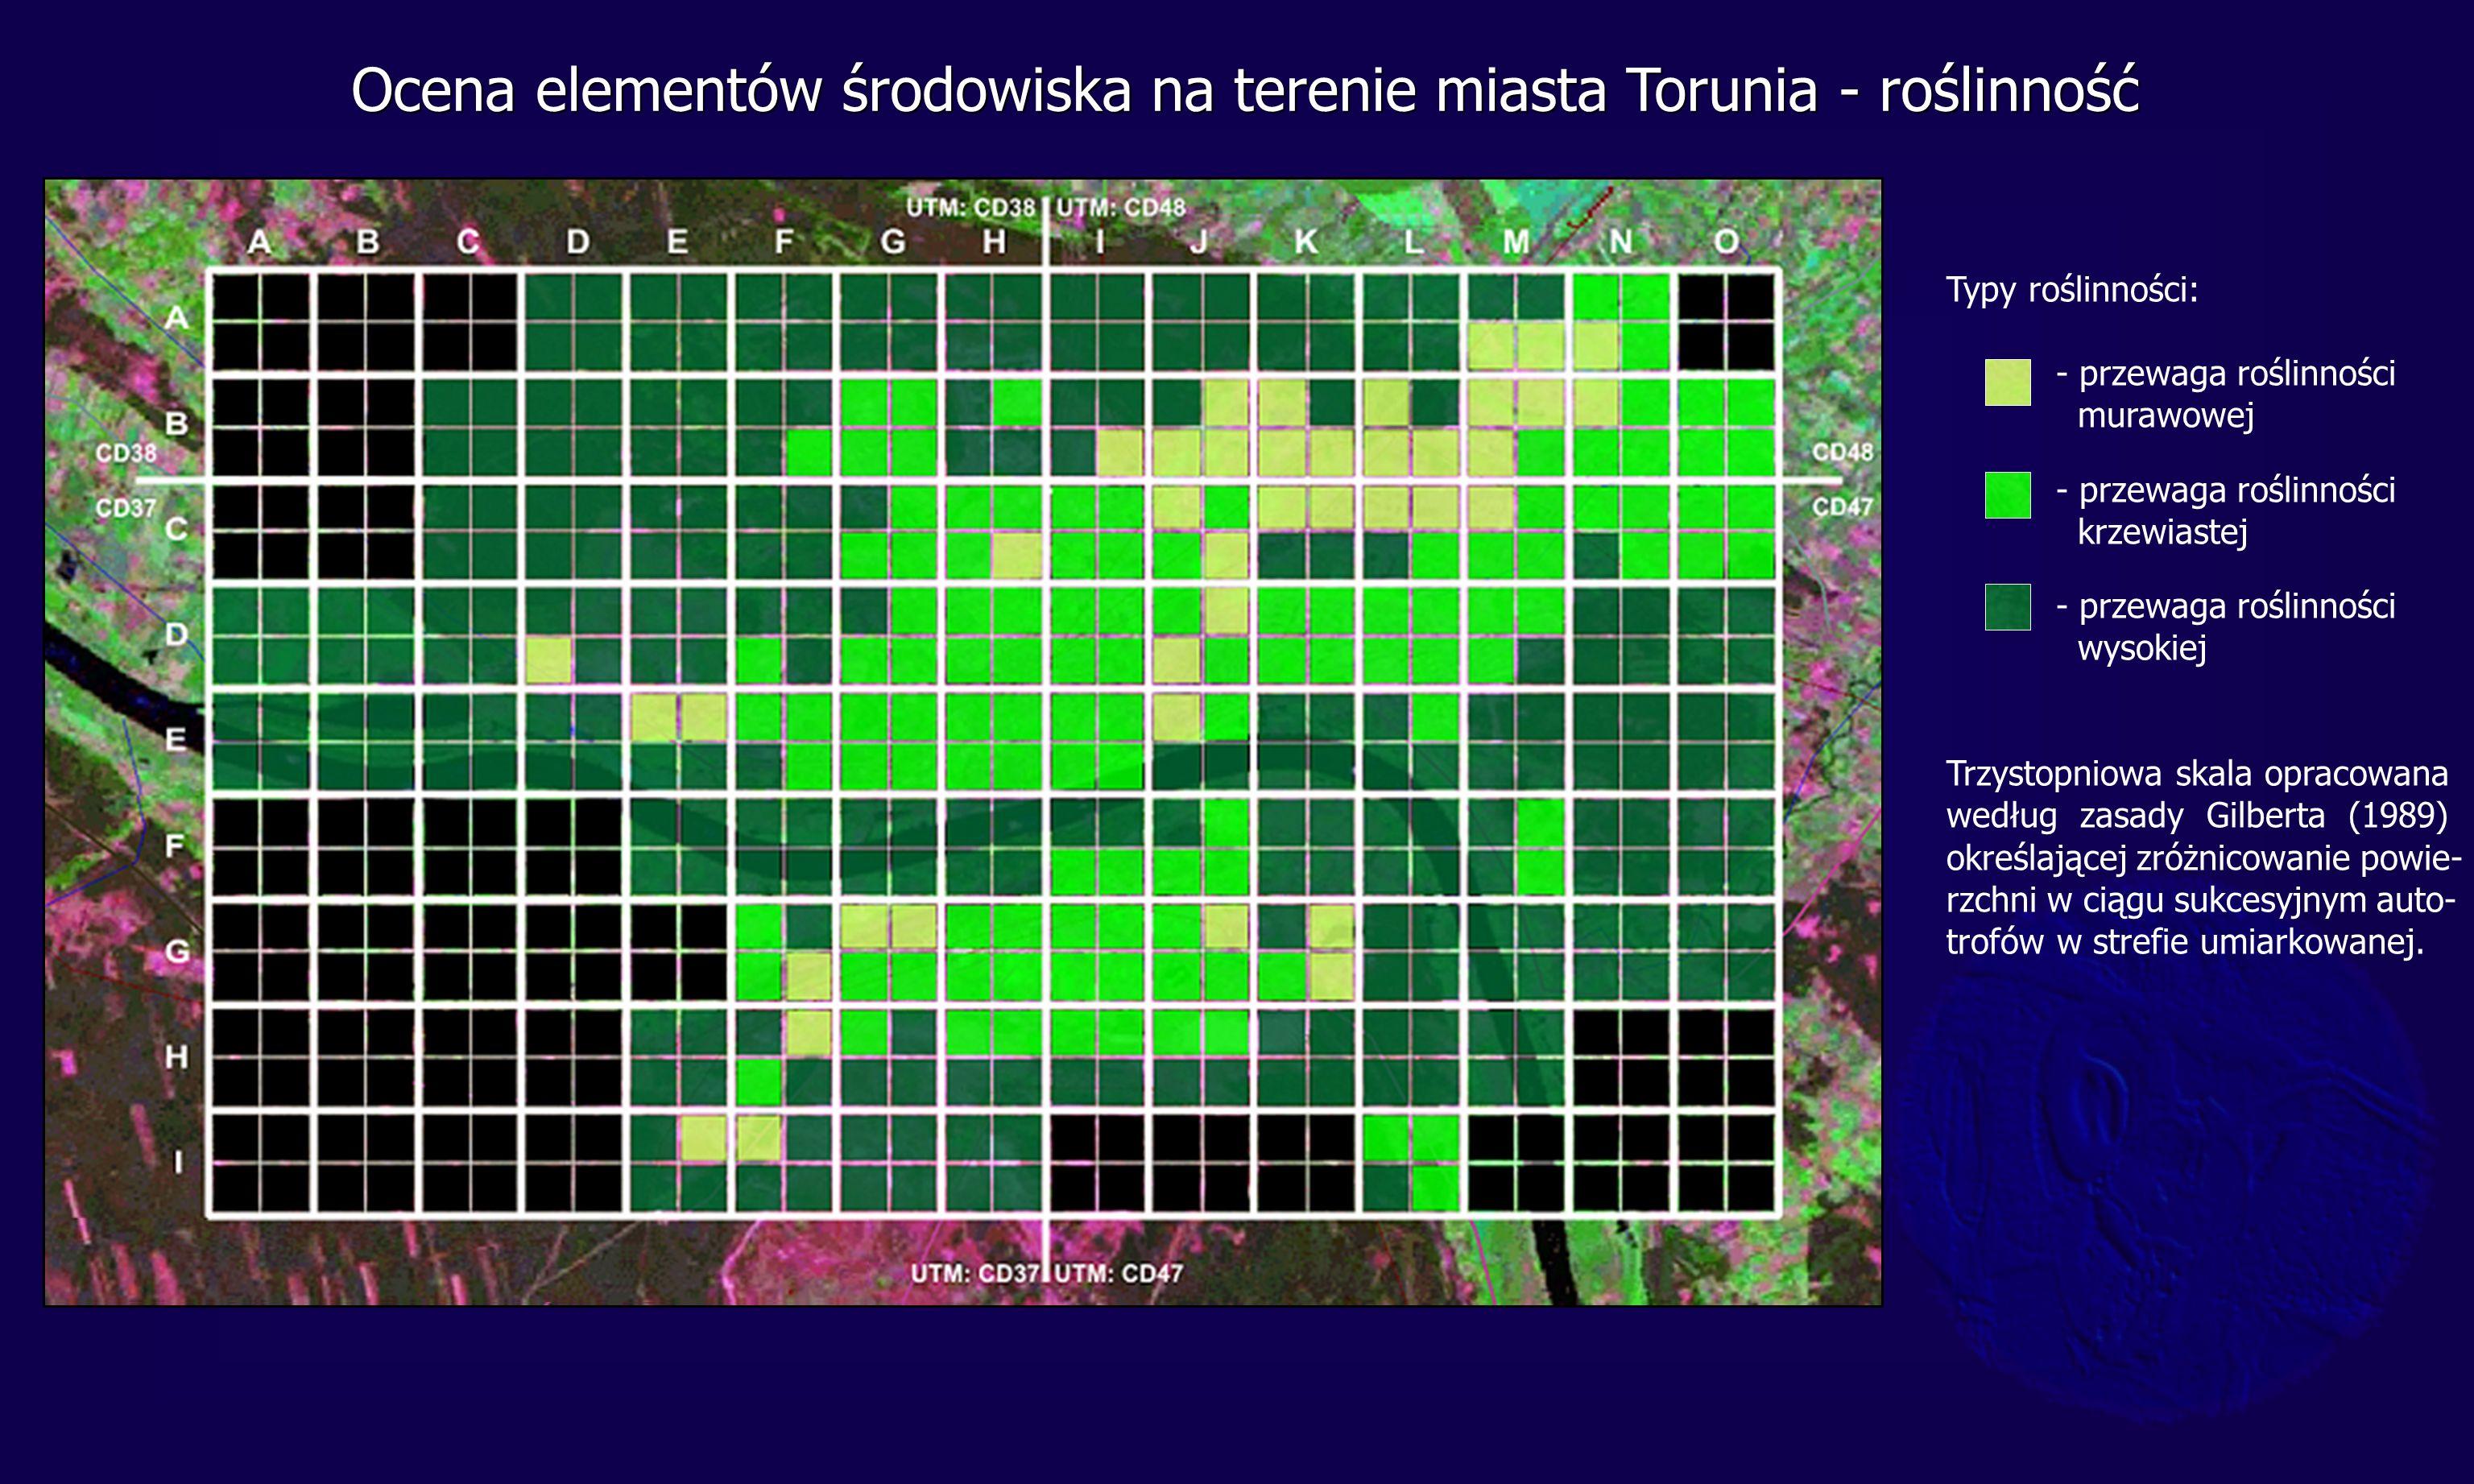 Ocena elementów środowiska na terenie miasta Torunia - roślinność